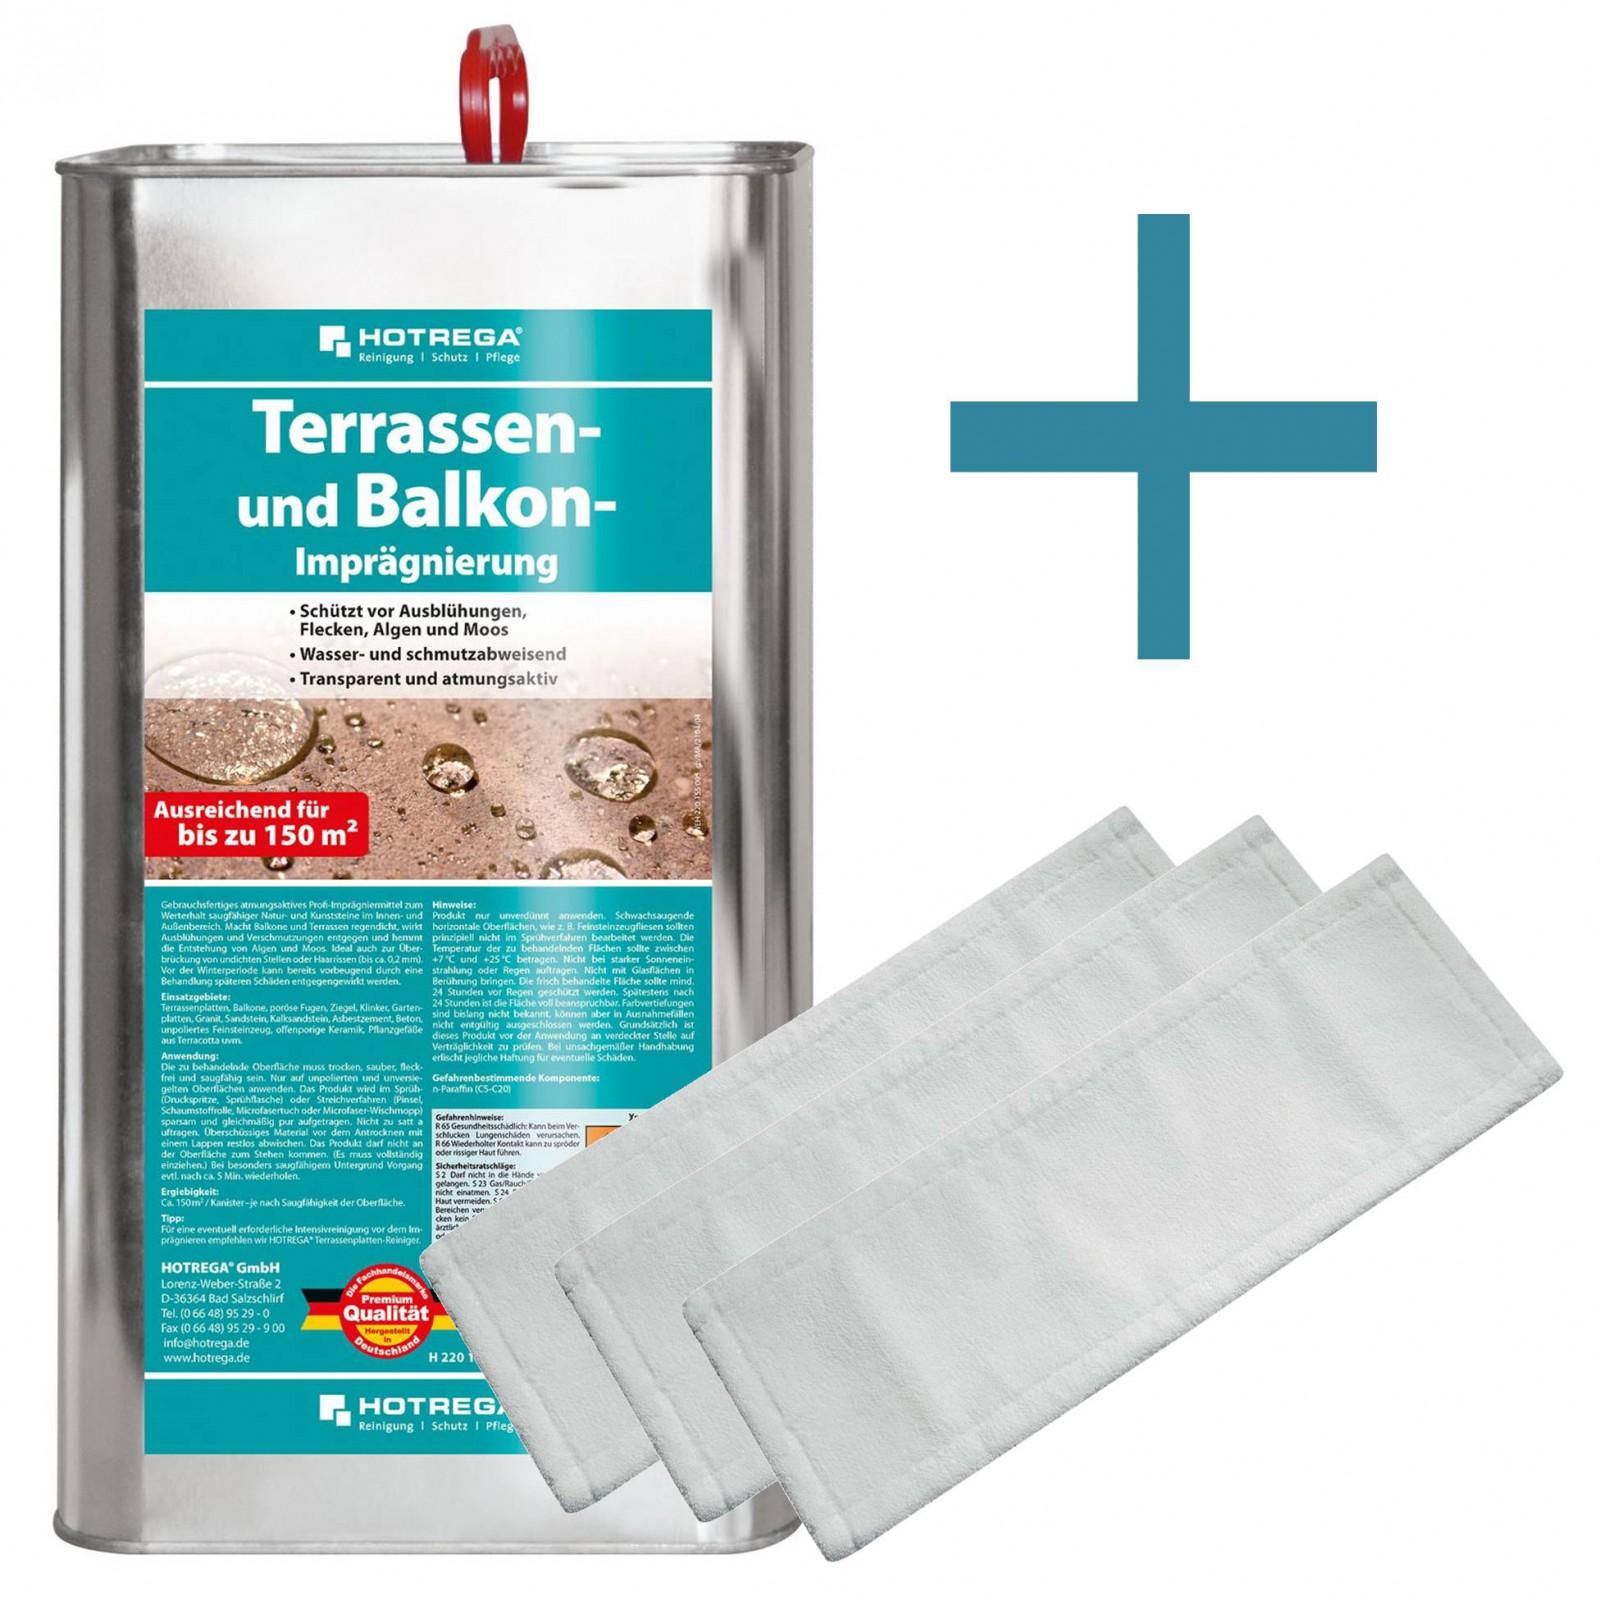 HOTREGA Terrassen und Balkon Imprägnierung 5L S...